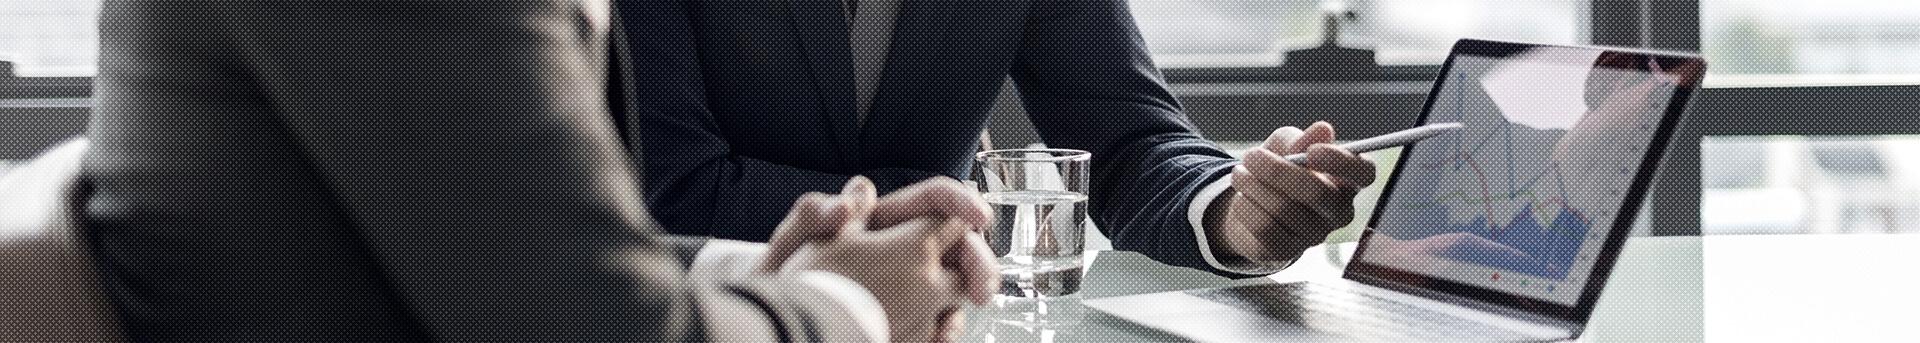 Skaitmeninės rinkodaros konsultacijos verslui